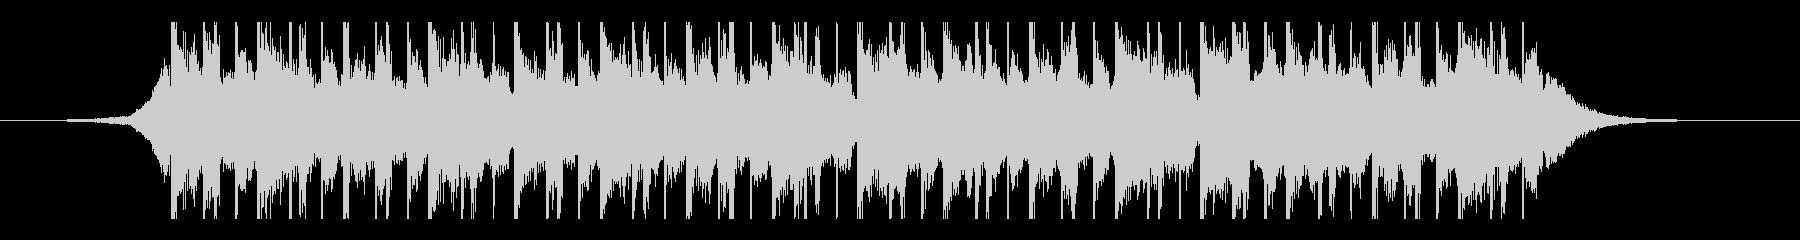 ラマダン(25秒)の未再生の波形